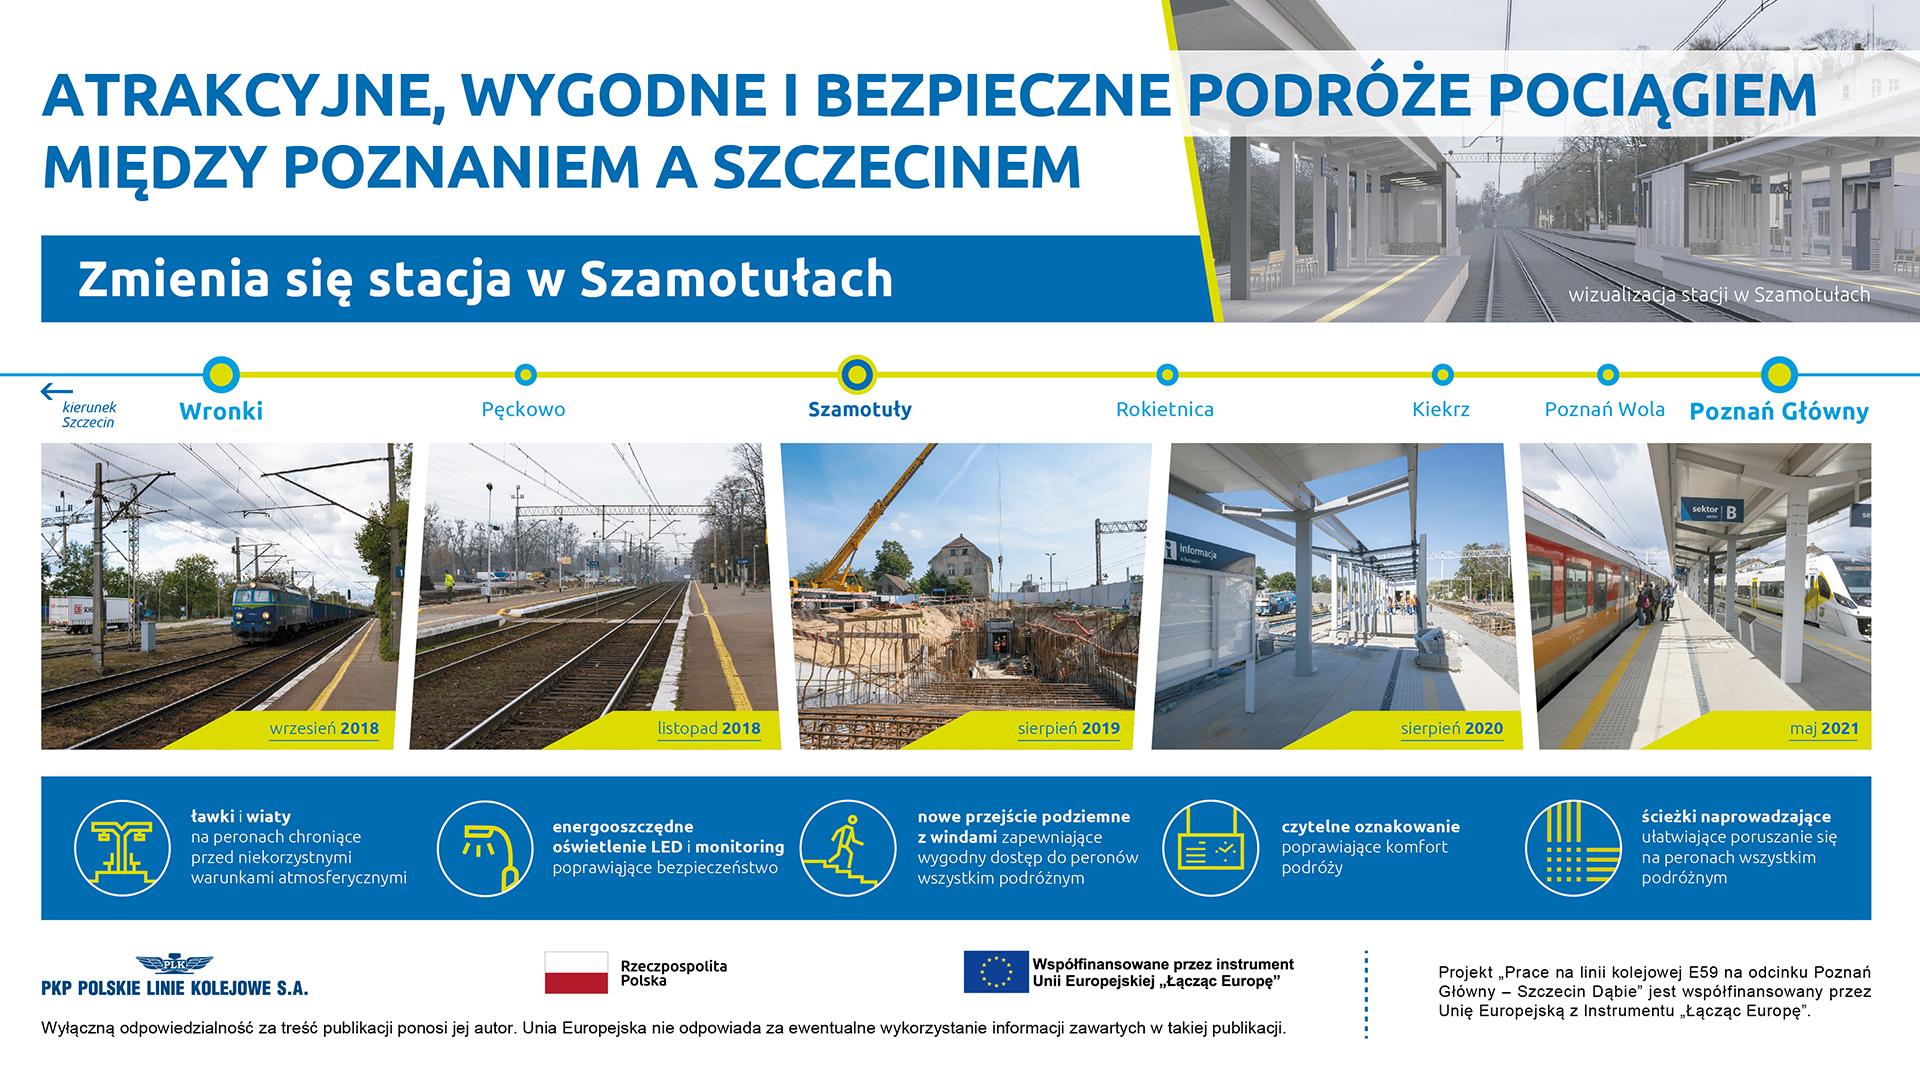 Na infografice przedstawione są zdjęcia sprzed modernizacji - z września 2018 roku oraz najnowsze, w trakcie zaawansowanej modernizacji z maja 2021 roku. Pozwala to porównać postęp prac na przełomie 3 lat. W prawym górnym rogu widoczna jest wizualizacja stacji, a na dole infografiki pokazane są korzyści takie jak: ławki i wiaty, energooszczędne oświetlenie, nowe przejście podziemne z windami, czytelne oznakowanie oraz ścieżki naprowadzające.